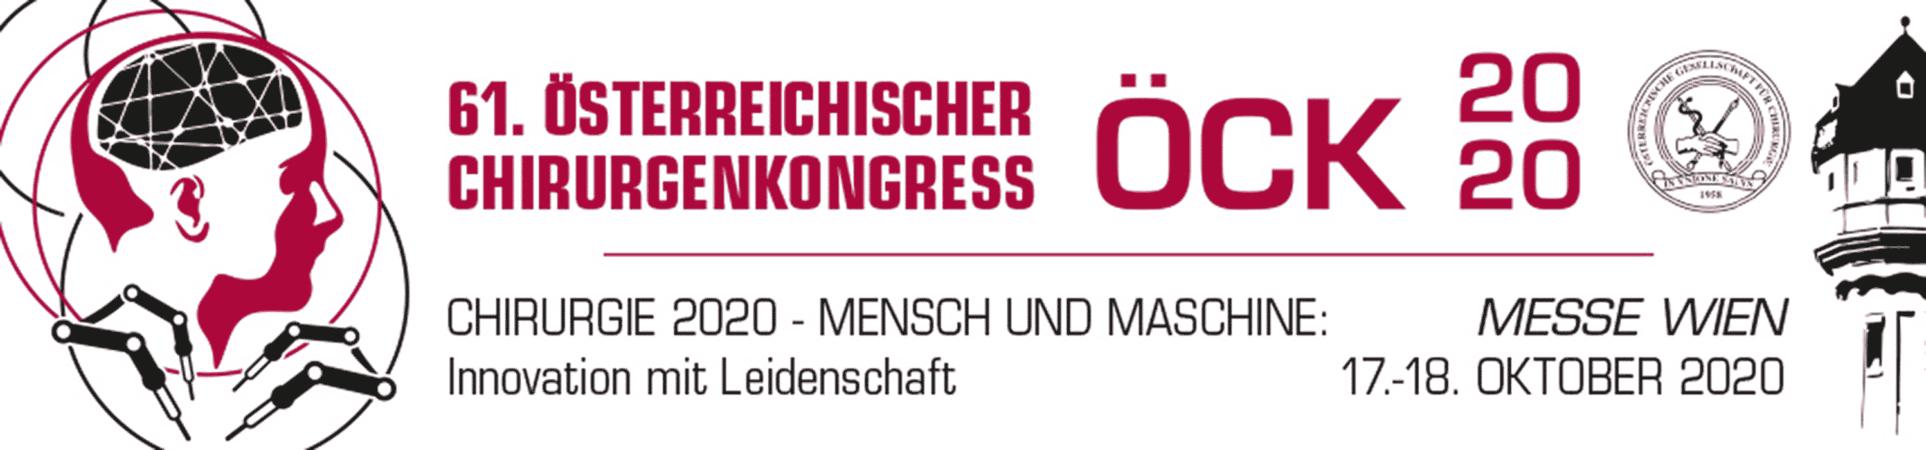 Köhler gleich mit 5 Vorträgen und Vorsitz am Chirurgenkongress aktiv